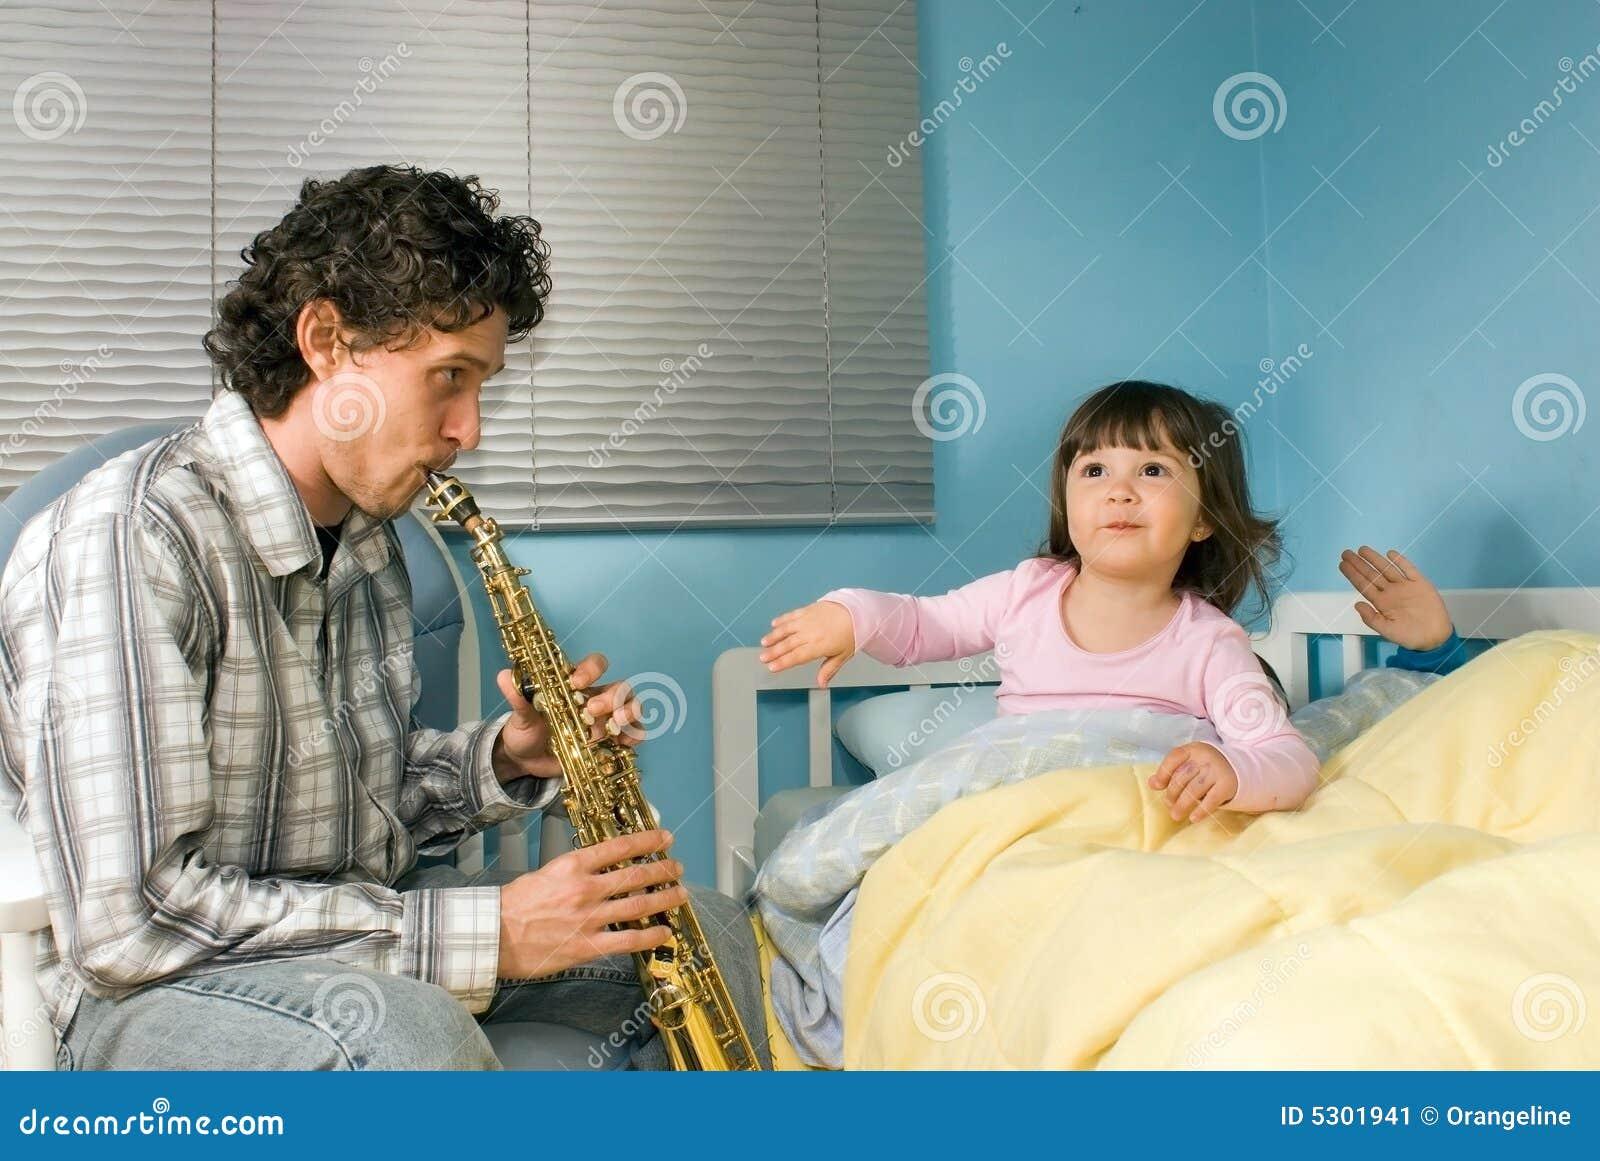 Download Padre Che Gioca Sassofono Per Bambino-Orizzontale Immagine Stock - Immagine di clarinet, oboe: 5301941